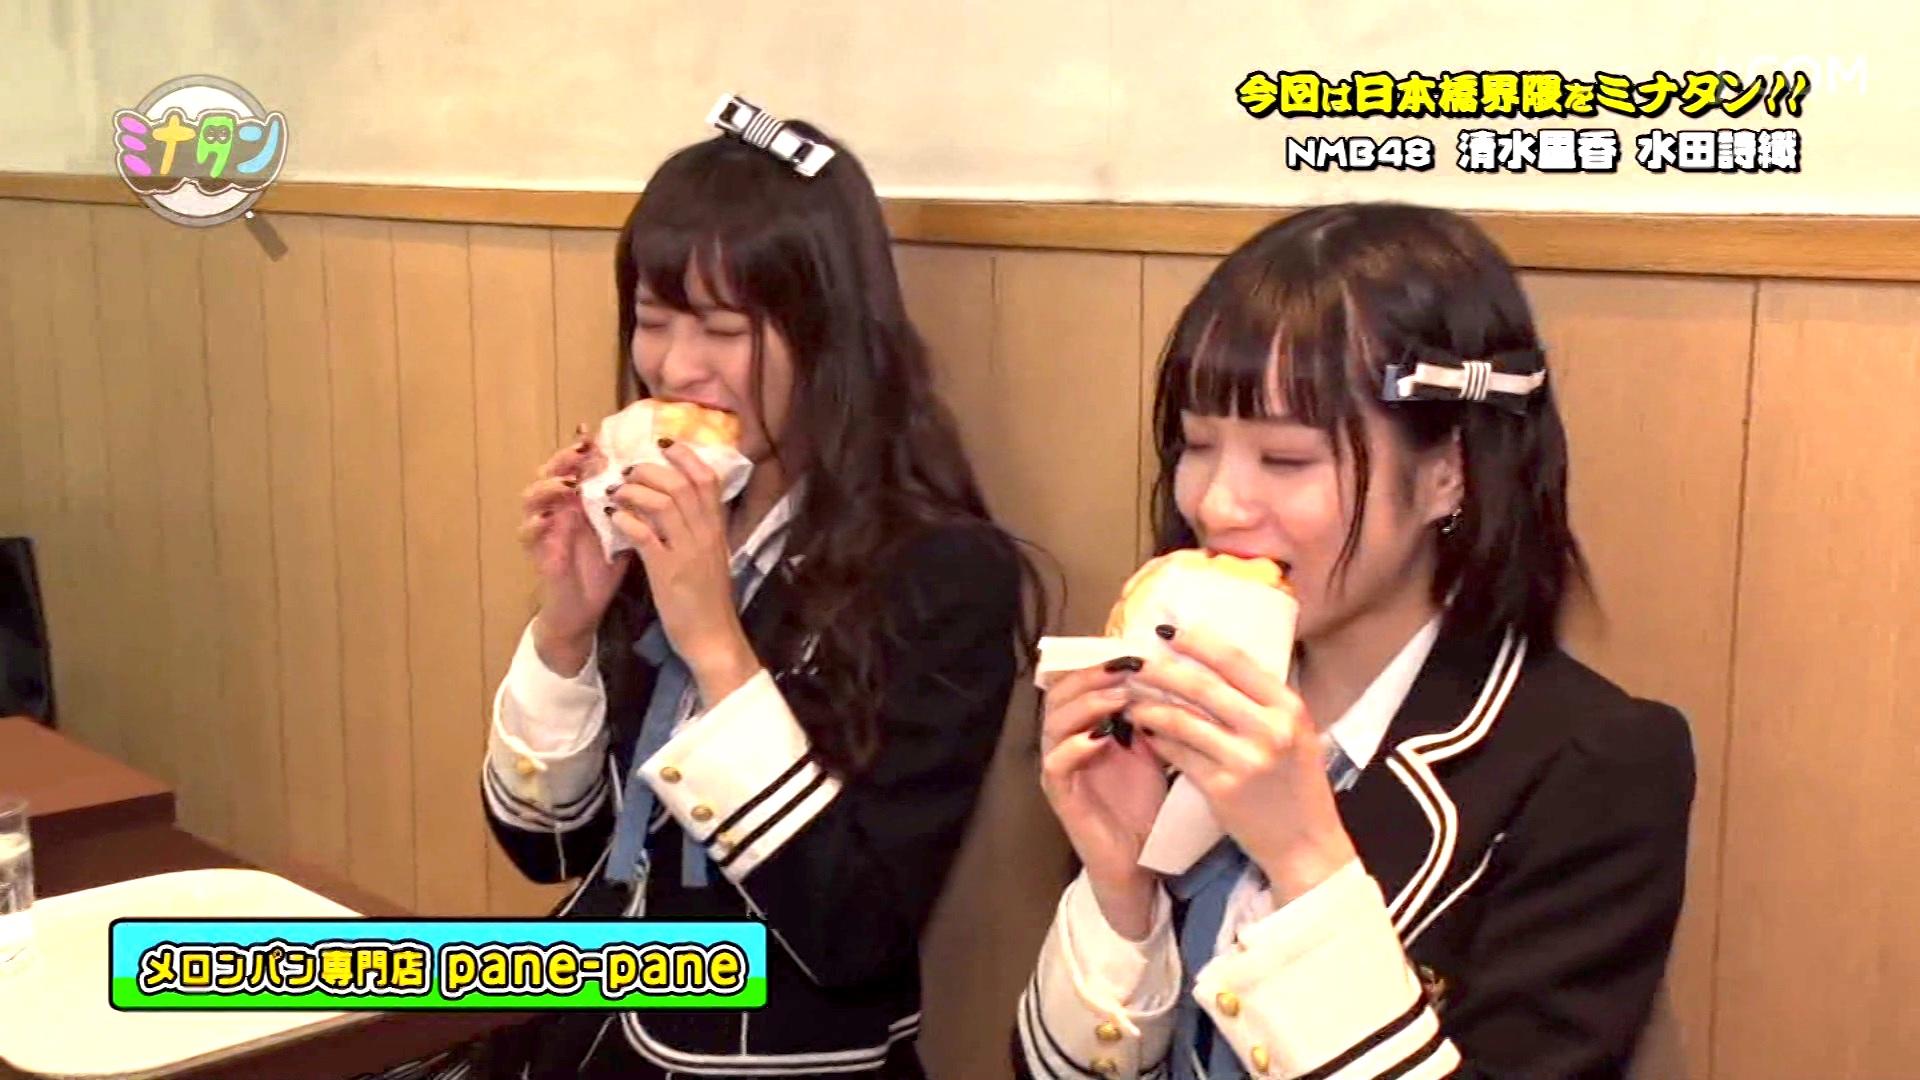 【清水里香/水田詩織】りかてぃー・しおり出演、2月17日「ミナタン」はNMB48劇場周辺のお店情報。